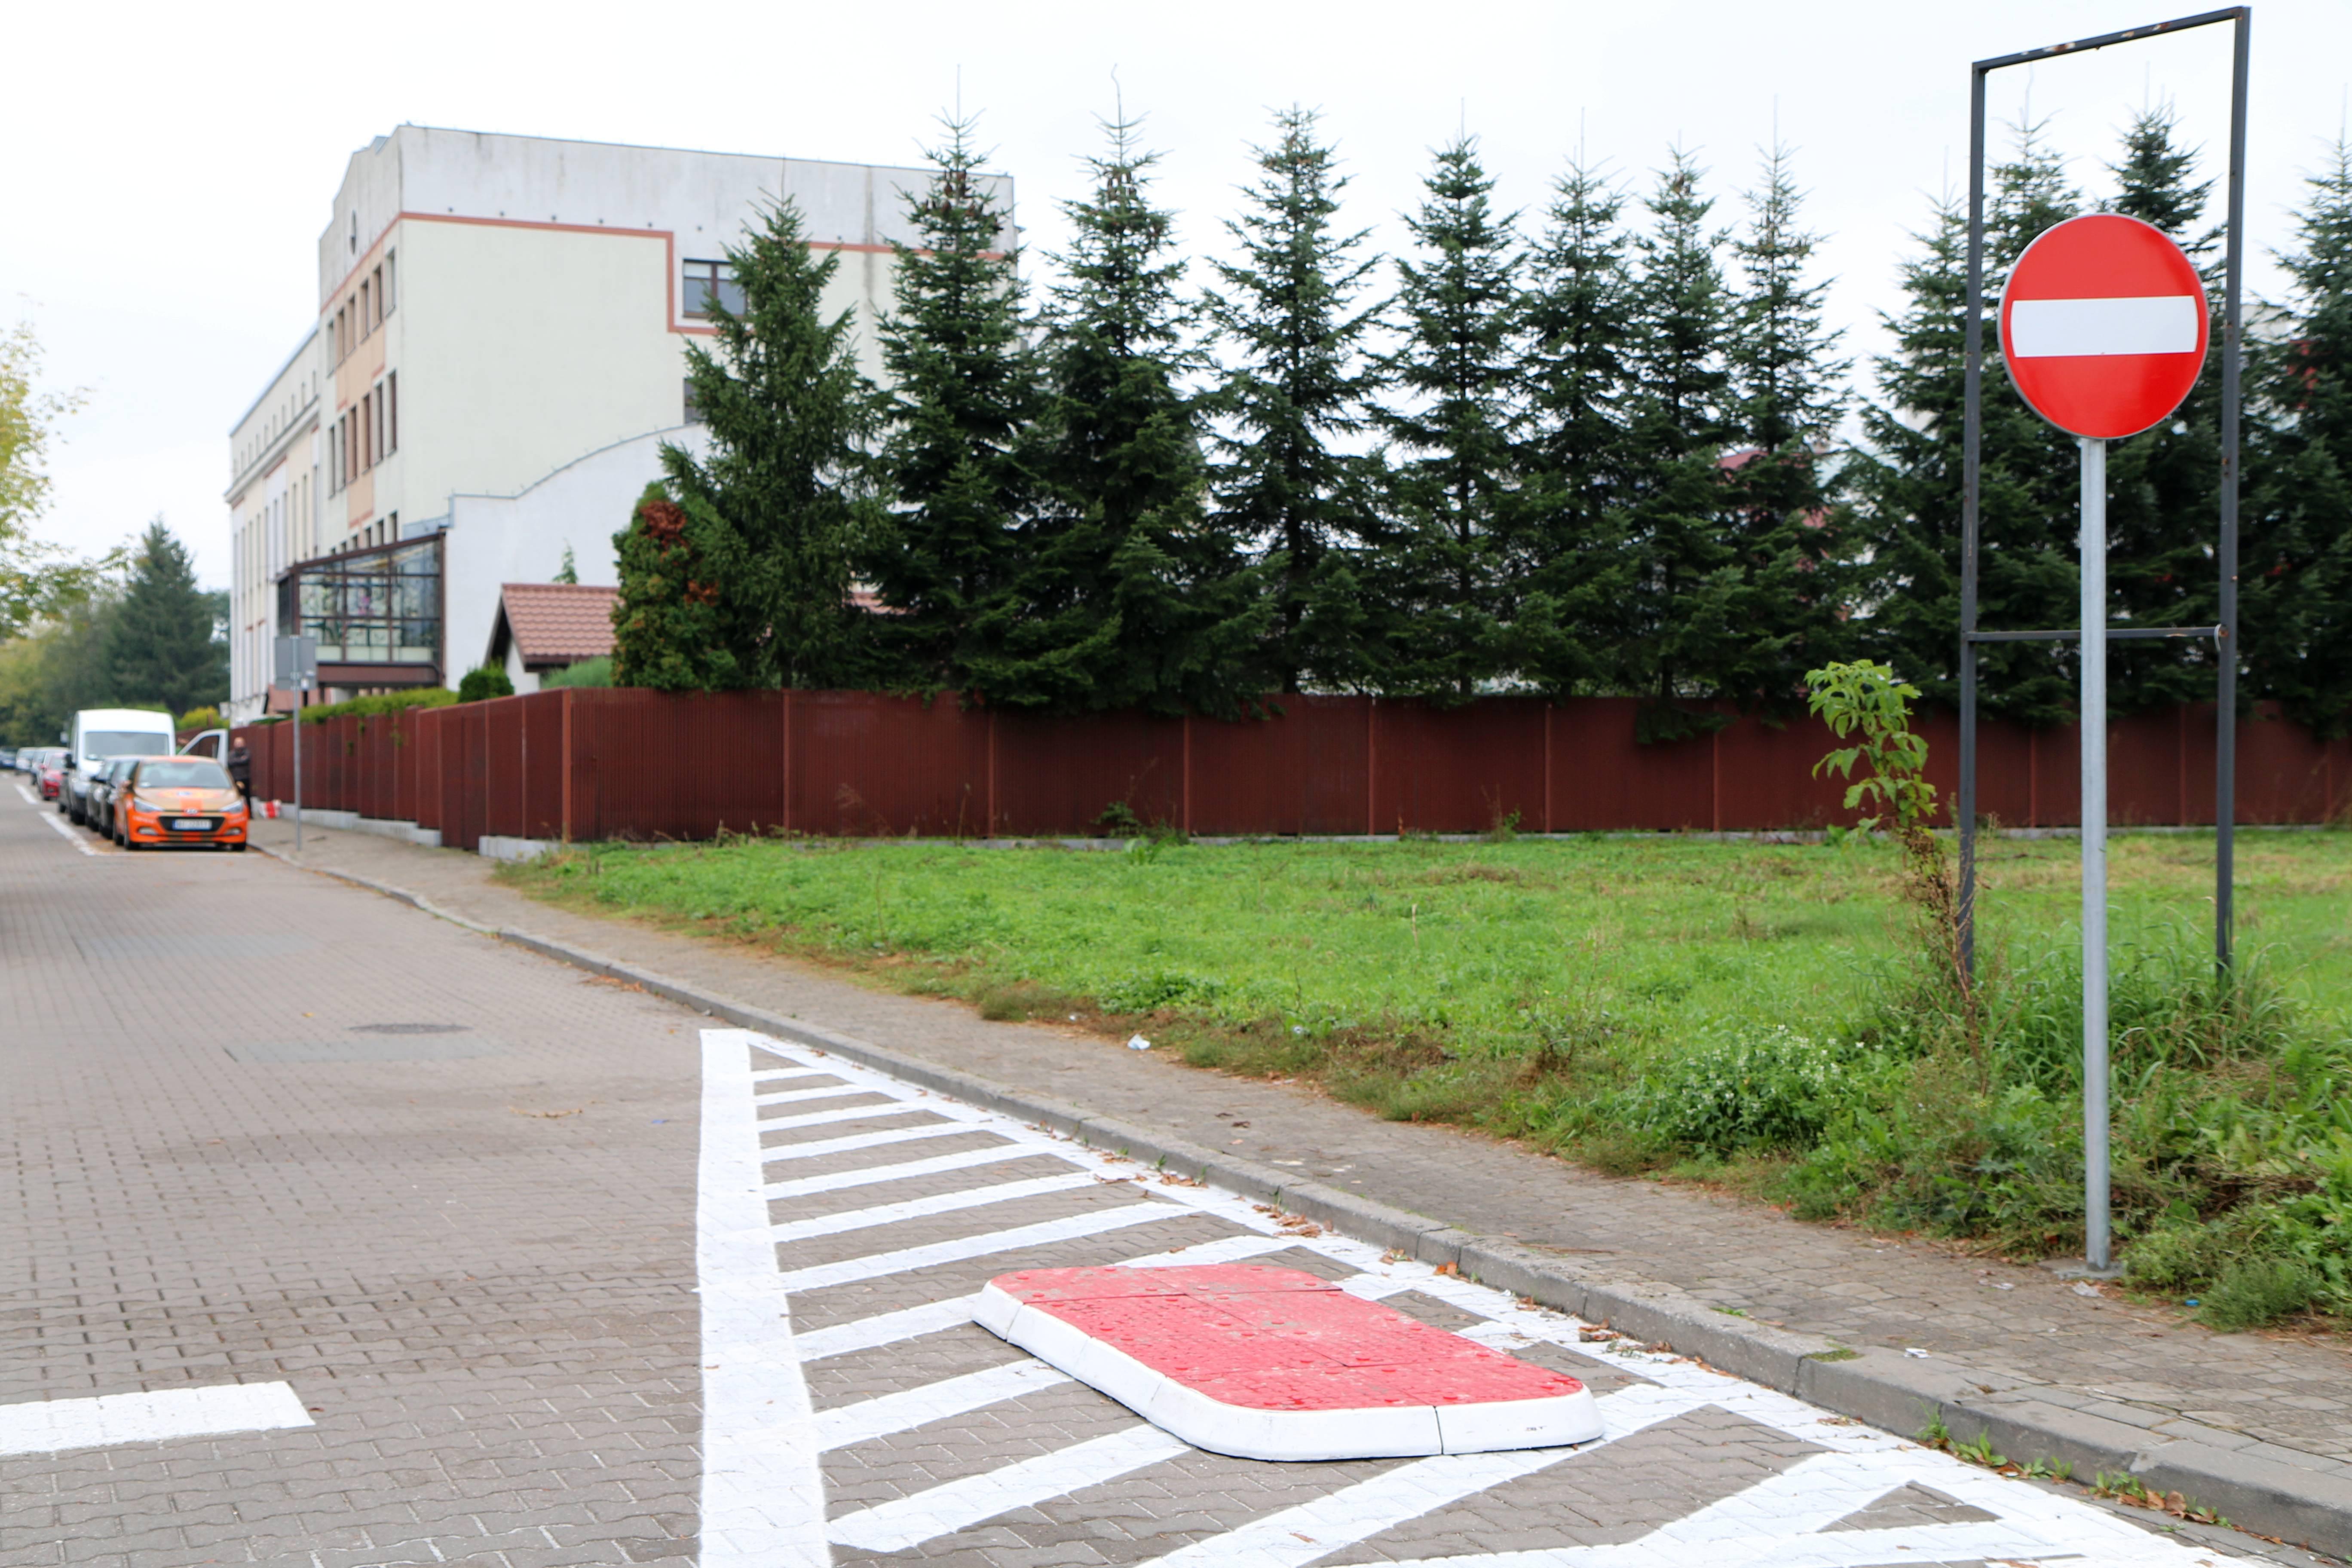 W ulicę Zgoda od piątku 17 września wjedziemy tylko od strony ul. Młynarskiej. Od strony ul. Chyliczkowskiej obowiązuje zakaz wjazdu. Na zdjęciu ul. Zgoda ze znakiem zakazu wjazdu. / foto: Joanna Ferlian-Tchórzewska